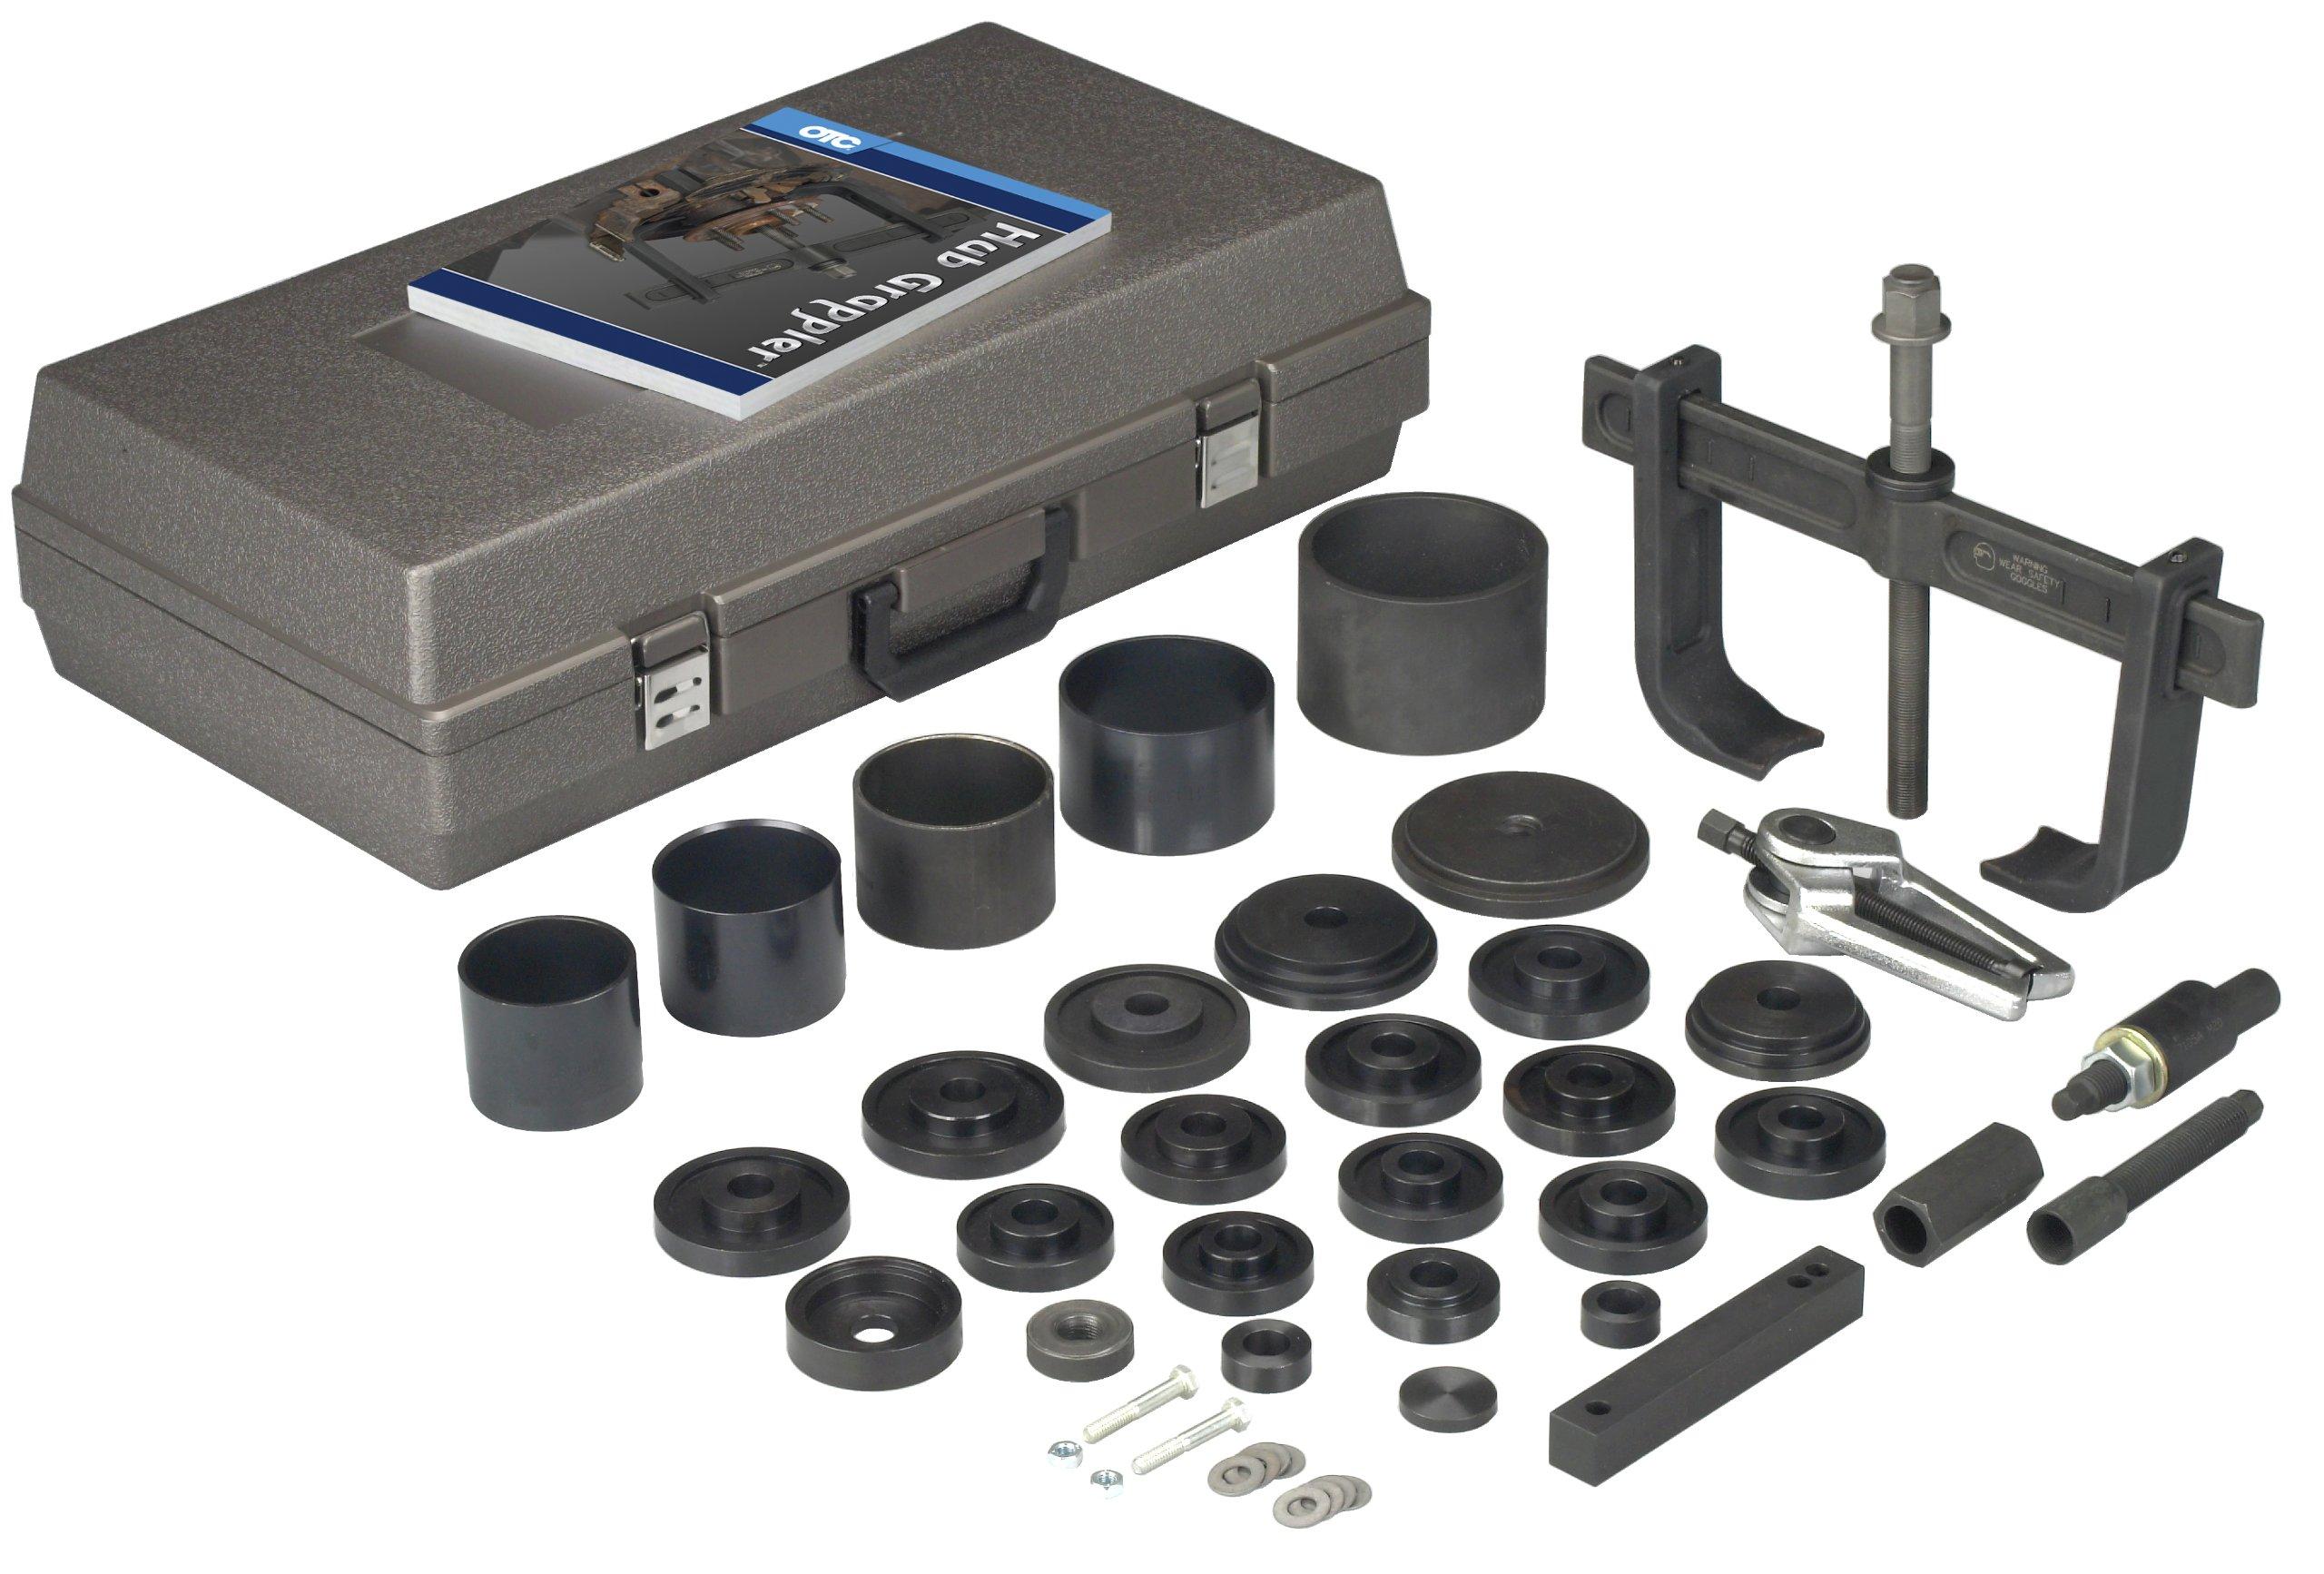 OTC (6575) Hub Grappler Kit